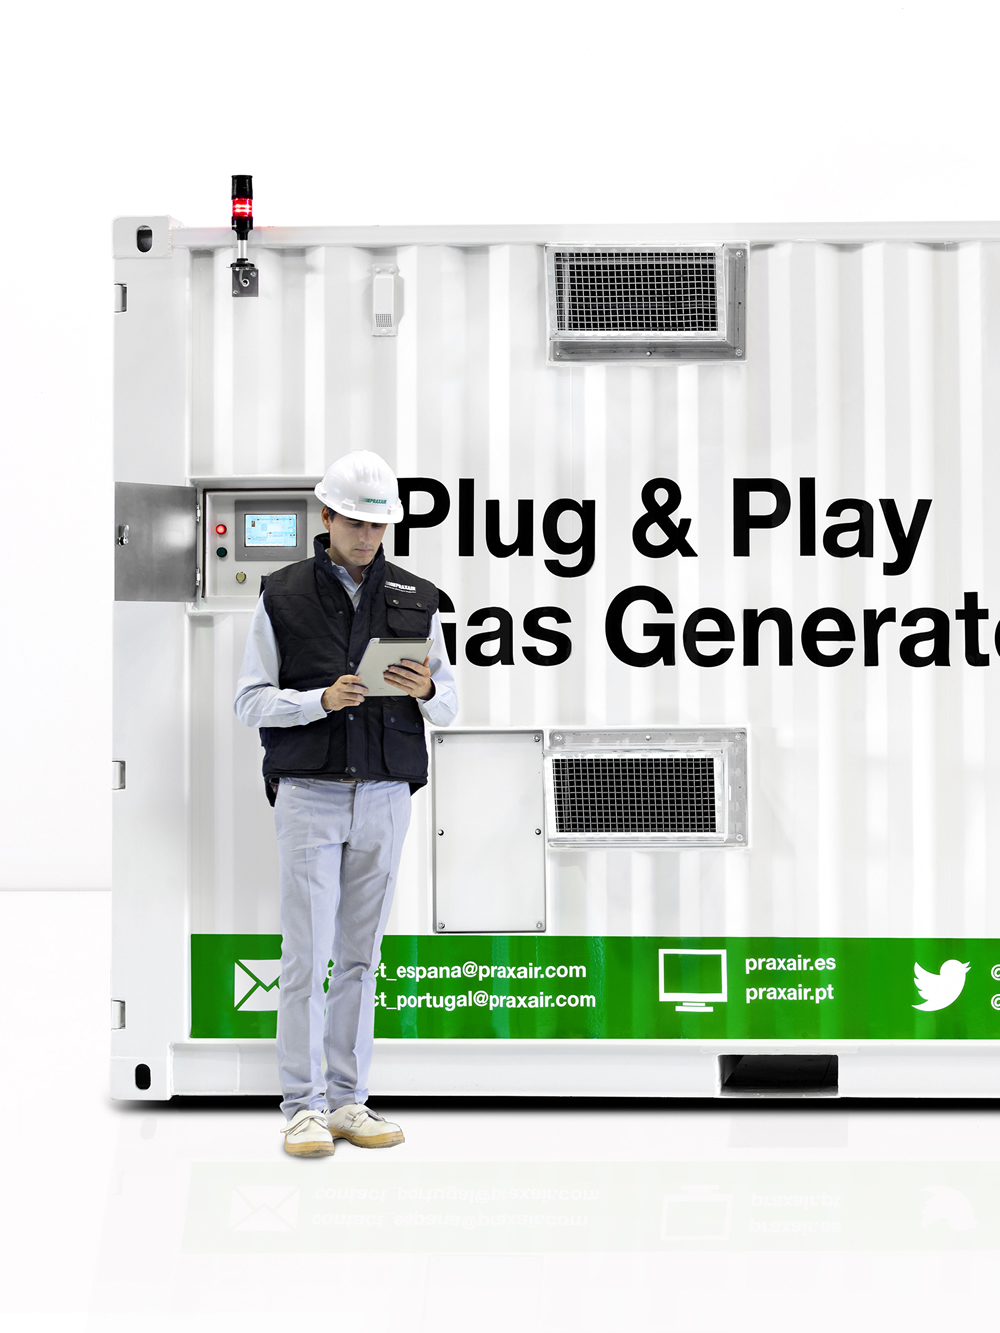 plug-and-play-praxair-12